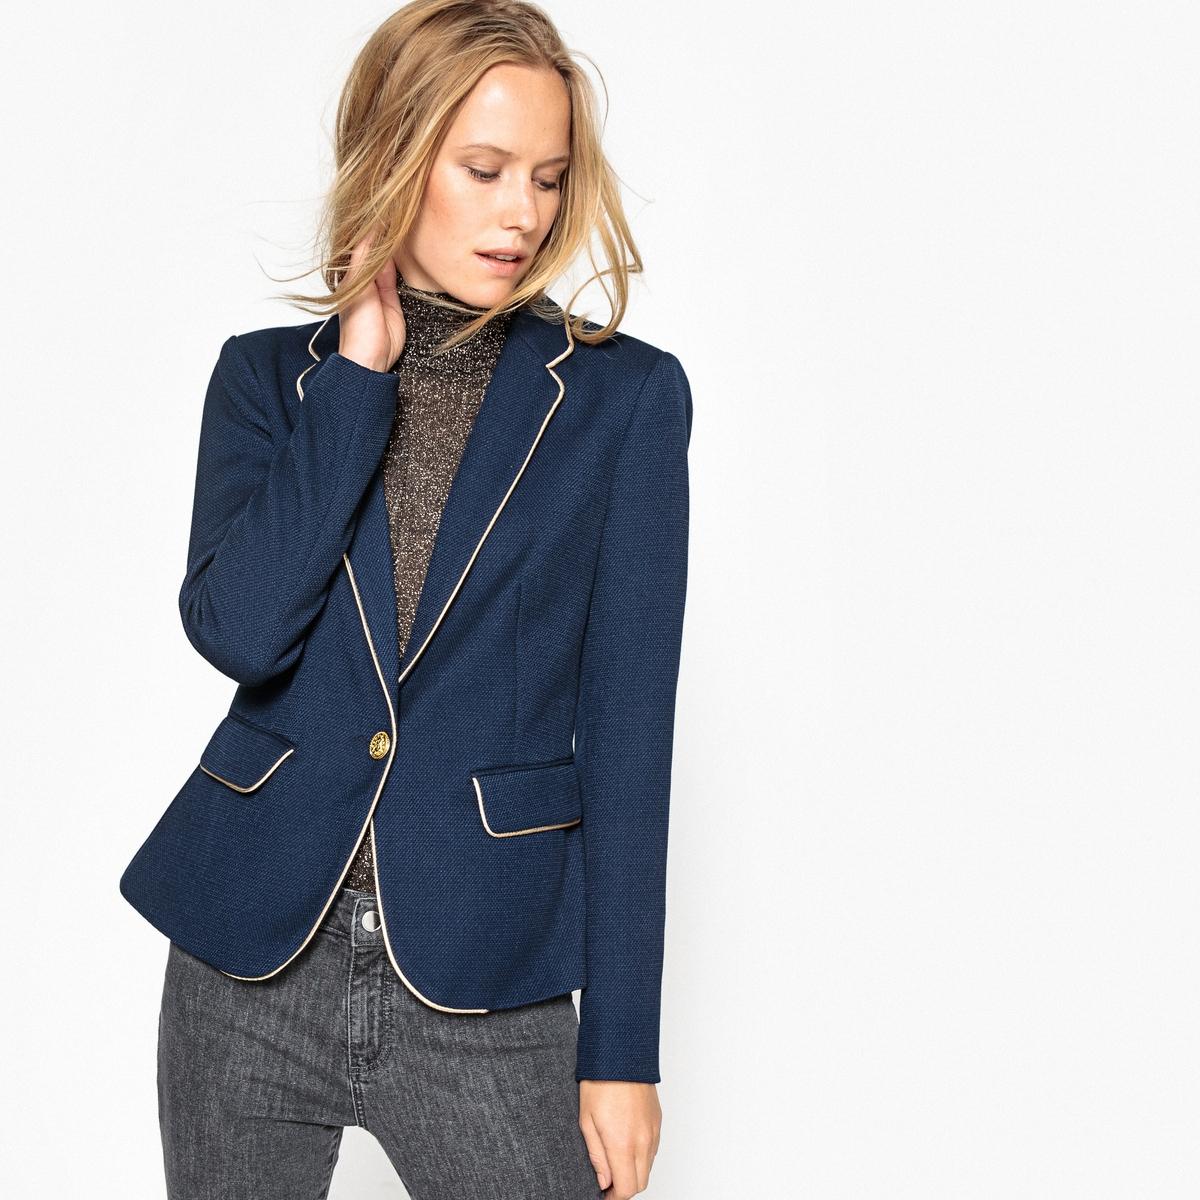 Куртка приталеннаяДетали •  Блейзер •  Приталенный покрой  •  Воротник-поло, рубашечный Состав и уход •  60% хлопка, 40% полиэстера  •  Следуйте советам по уходу, указанным на этикетке<br><br>Цвет: темно-синий<br>Размер: M